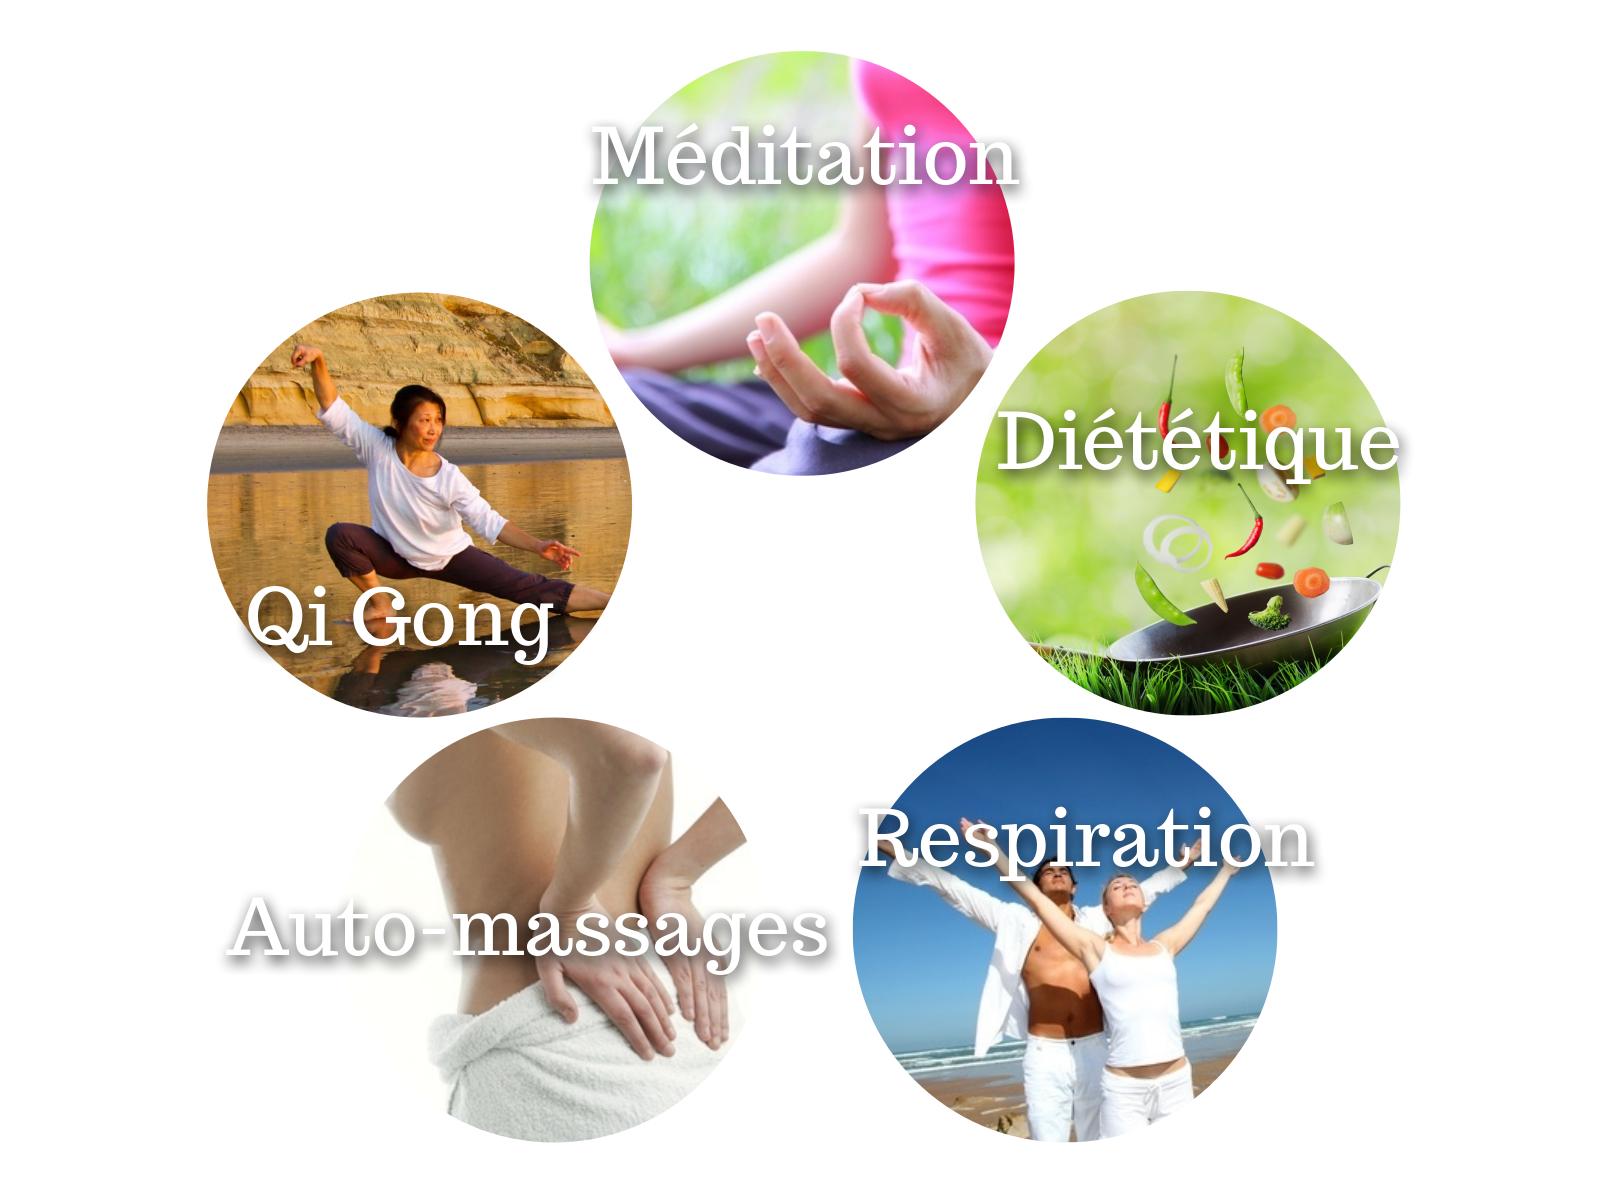 qi gong méditation, diététique chinoise, auto-maasage, respiration